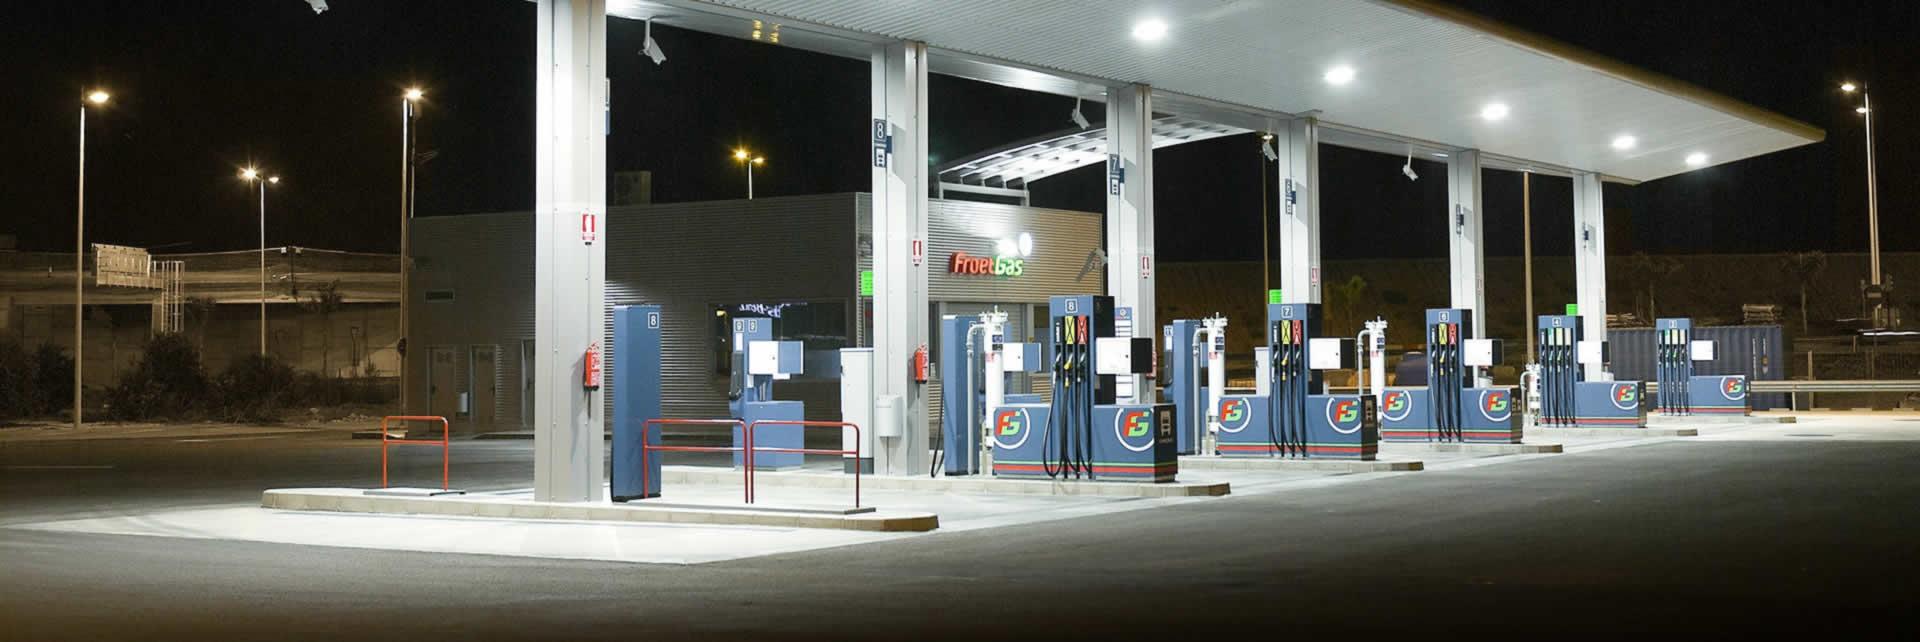 Tankstelle_920